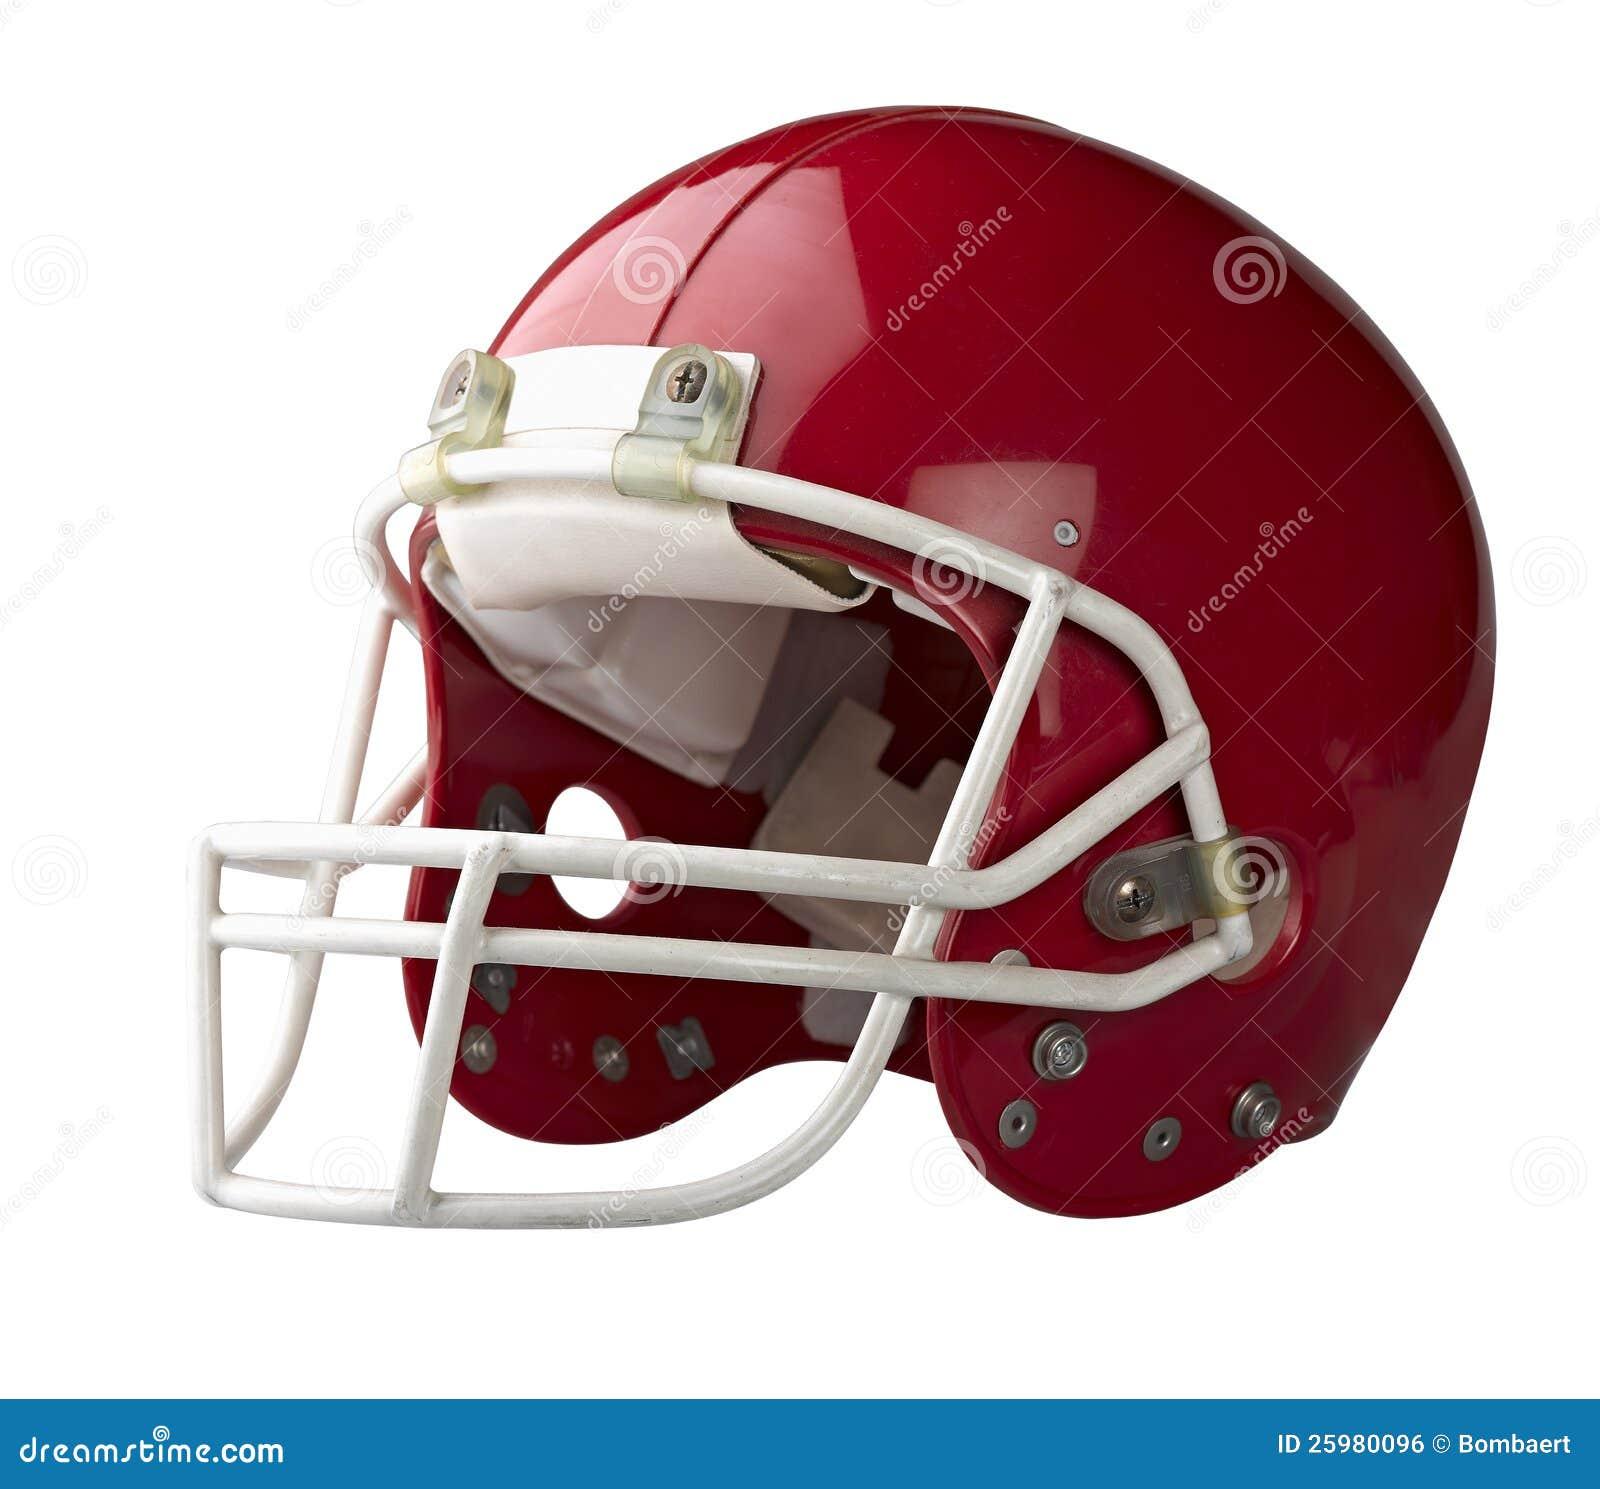 Capacete de futebol americano vermelho